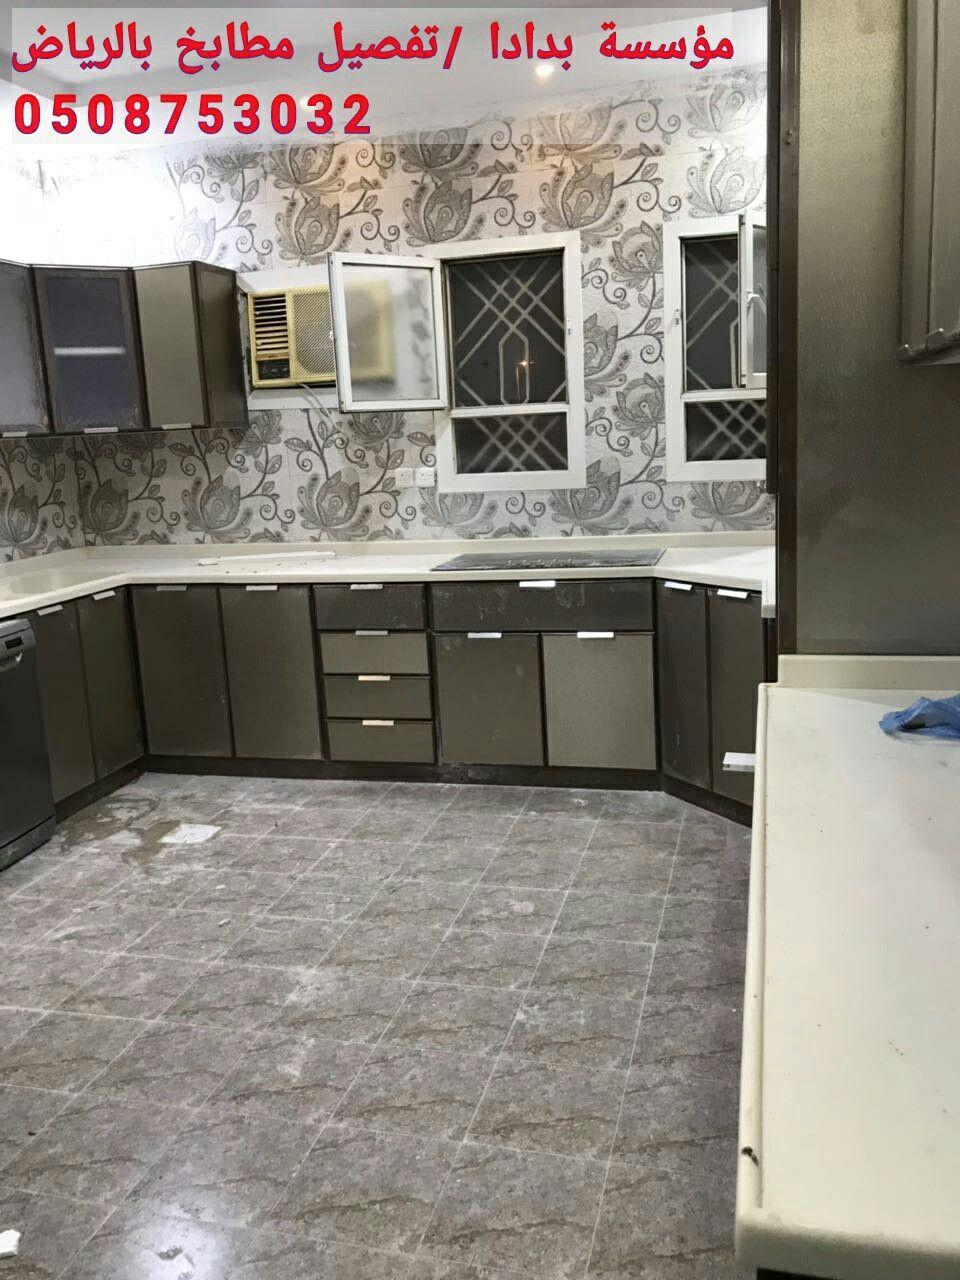 مطابخ المنيوم بالرياض0508753032 مطابخ خشب بالرياض مطابخ مودرن مطابخ كلاسيك تفصي Ceiling Design Bedroom Grey Kitchen Inspiration Kitchen Interior Design Decor